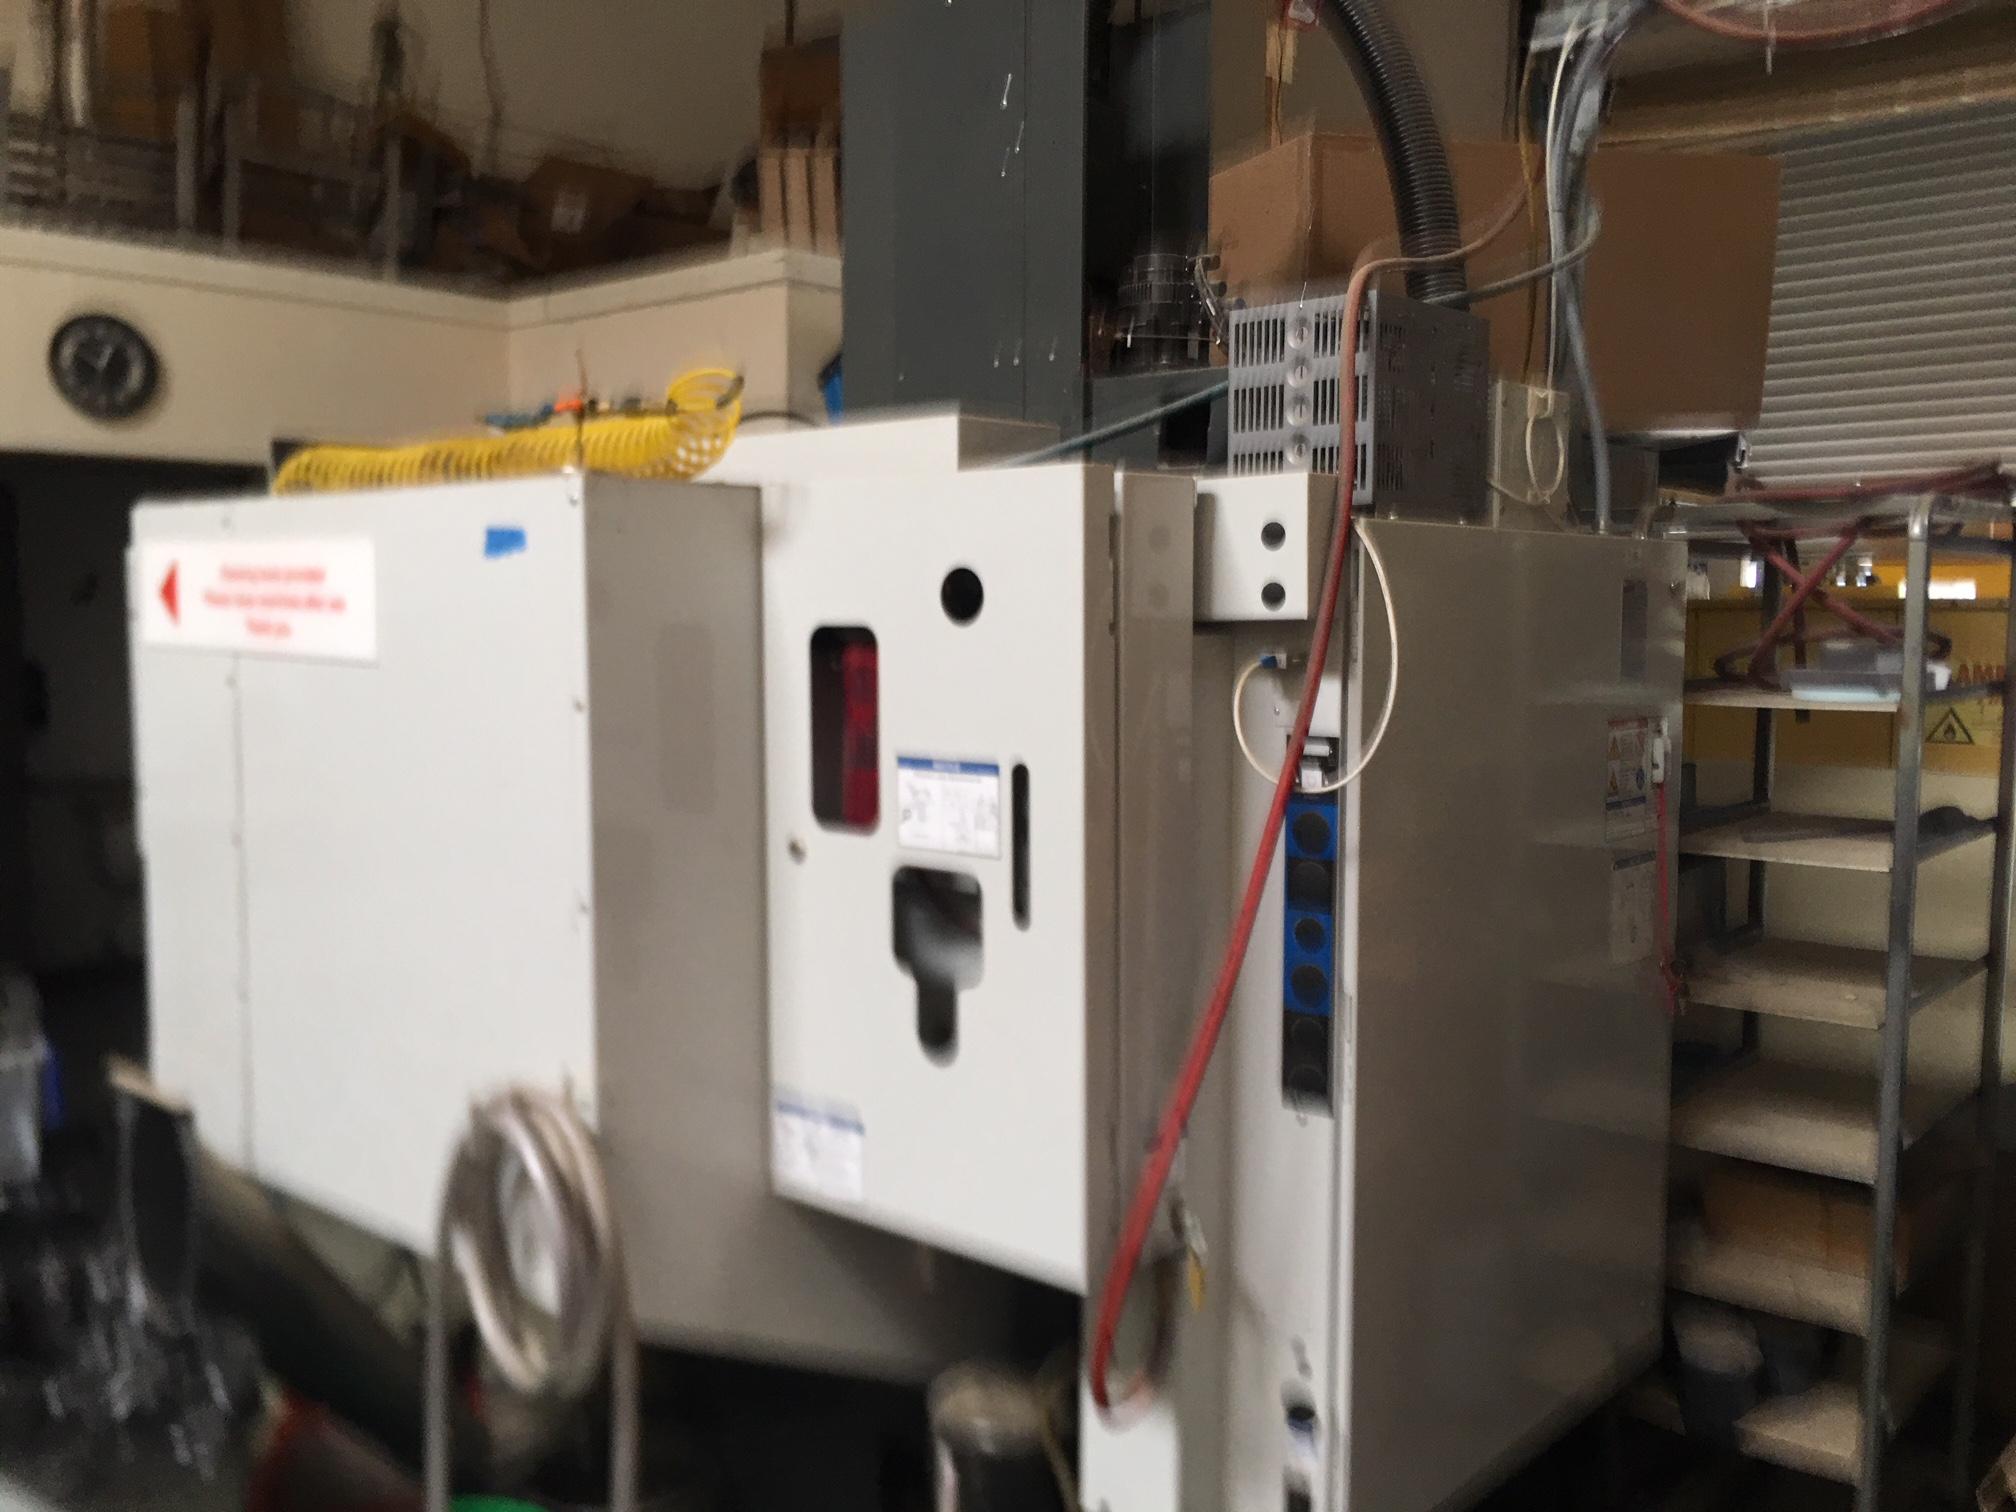 """HAASHaas Mini Mill 2, 20"""" x 16"""" x 14"""", 6K RPM, CAT40, 20 ATC, Programmable Coolant, Rigid Tapping"""